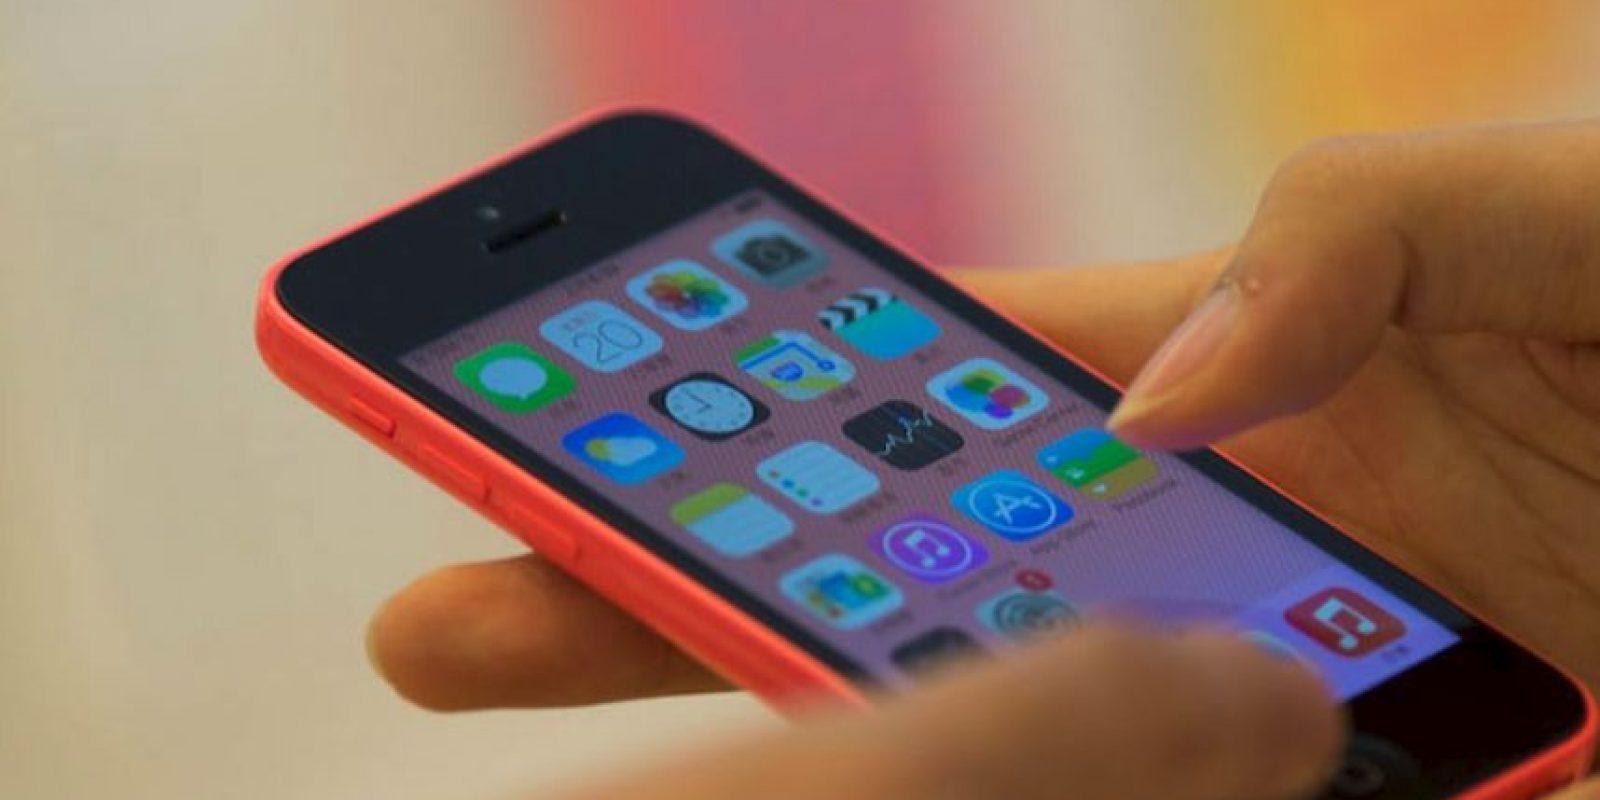 Por otra parte, el iPhone es muy resistente a temperaturas muy altas Foto:Getty Images